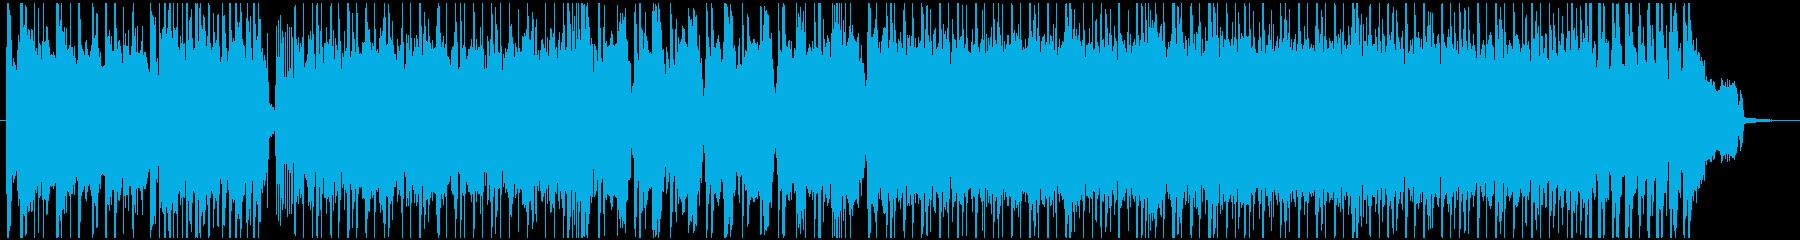 gimmeMASK の再生済みの波形